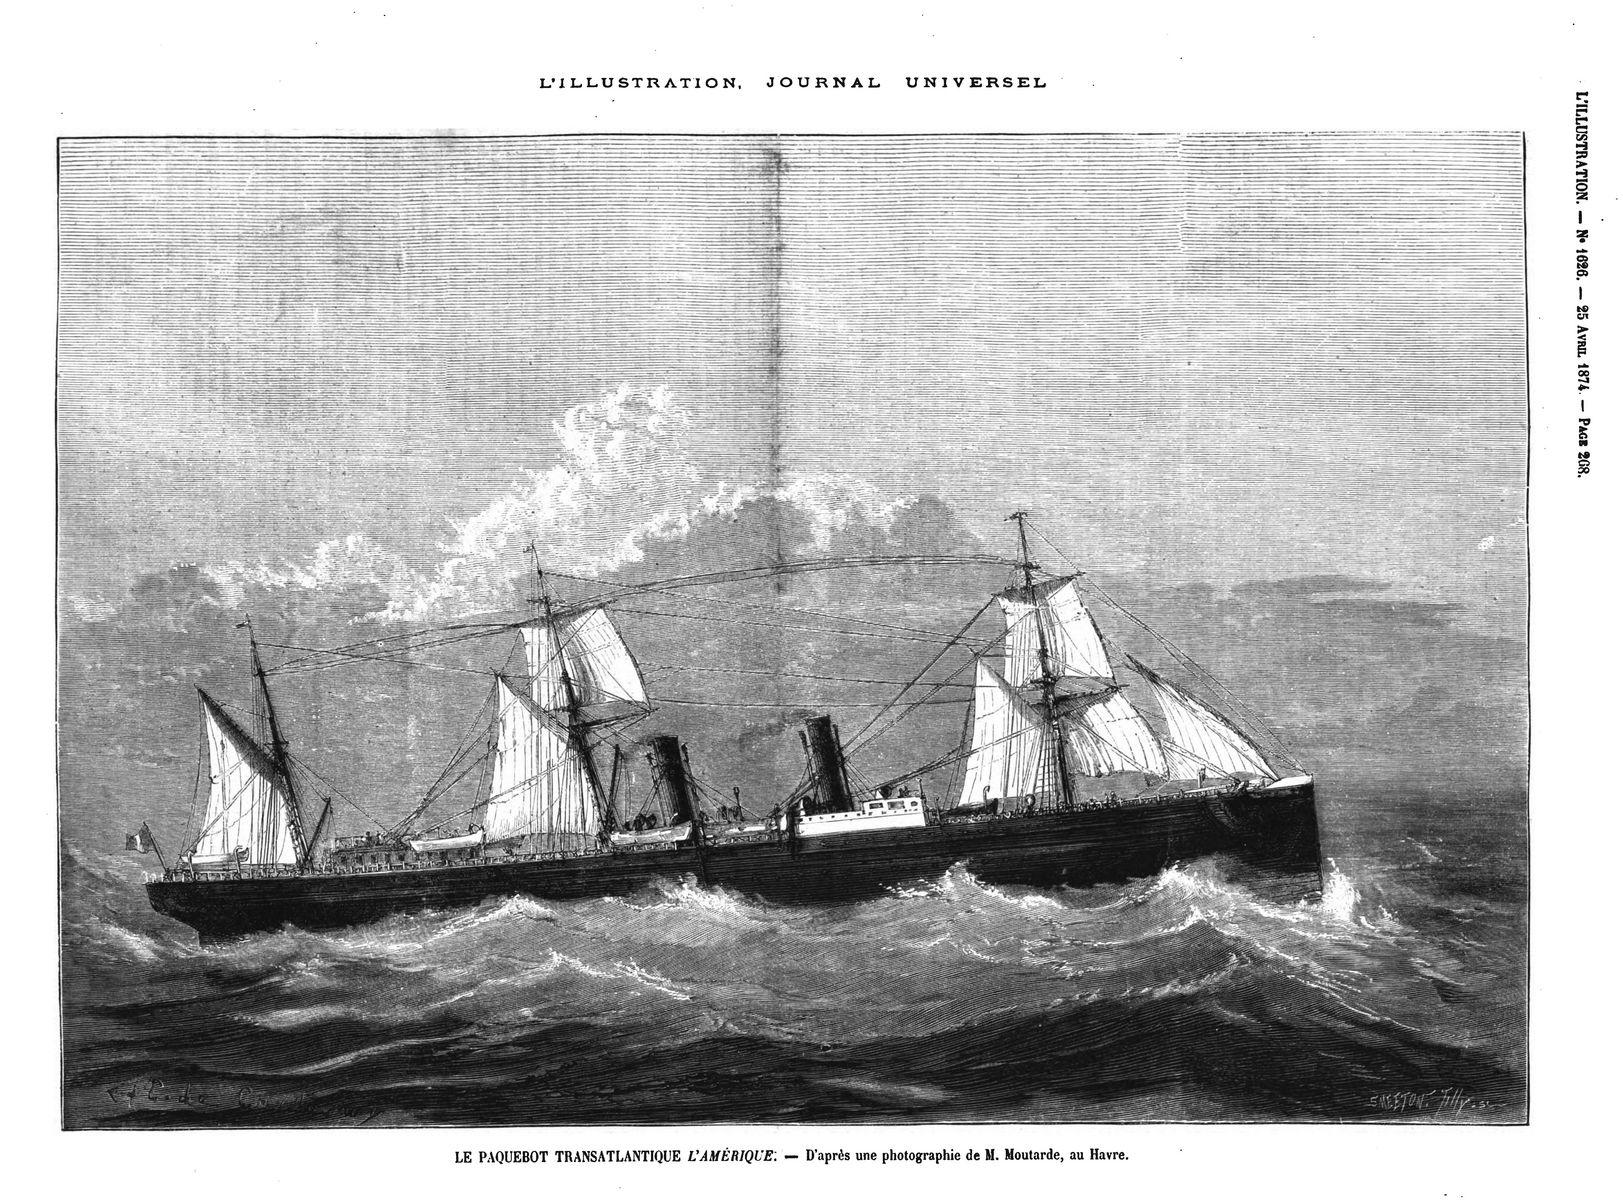 Le paquebot transatlantique l'Amérique (gravure 1874)